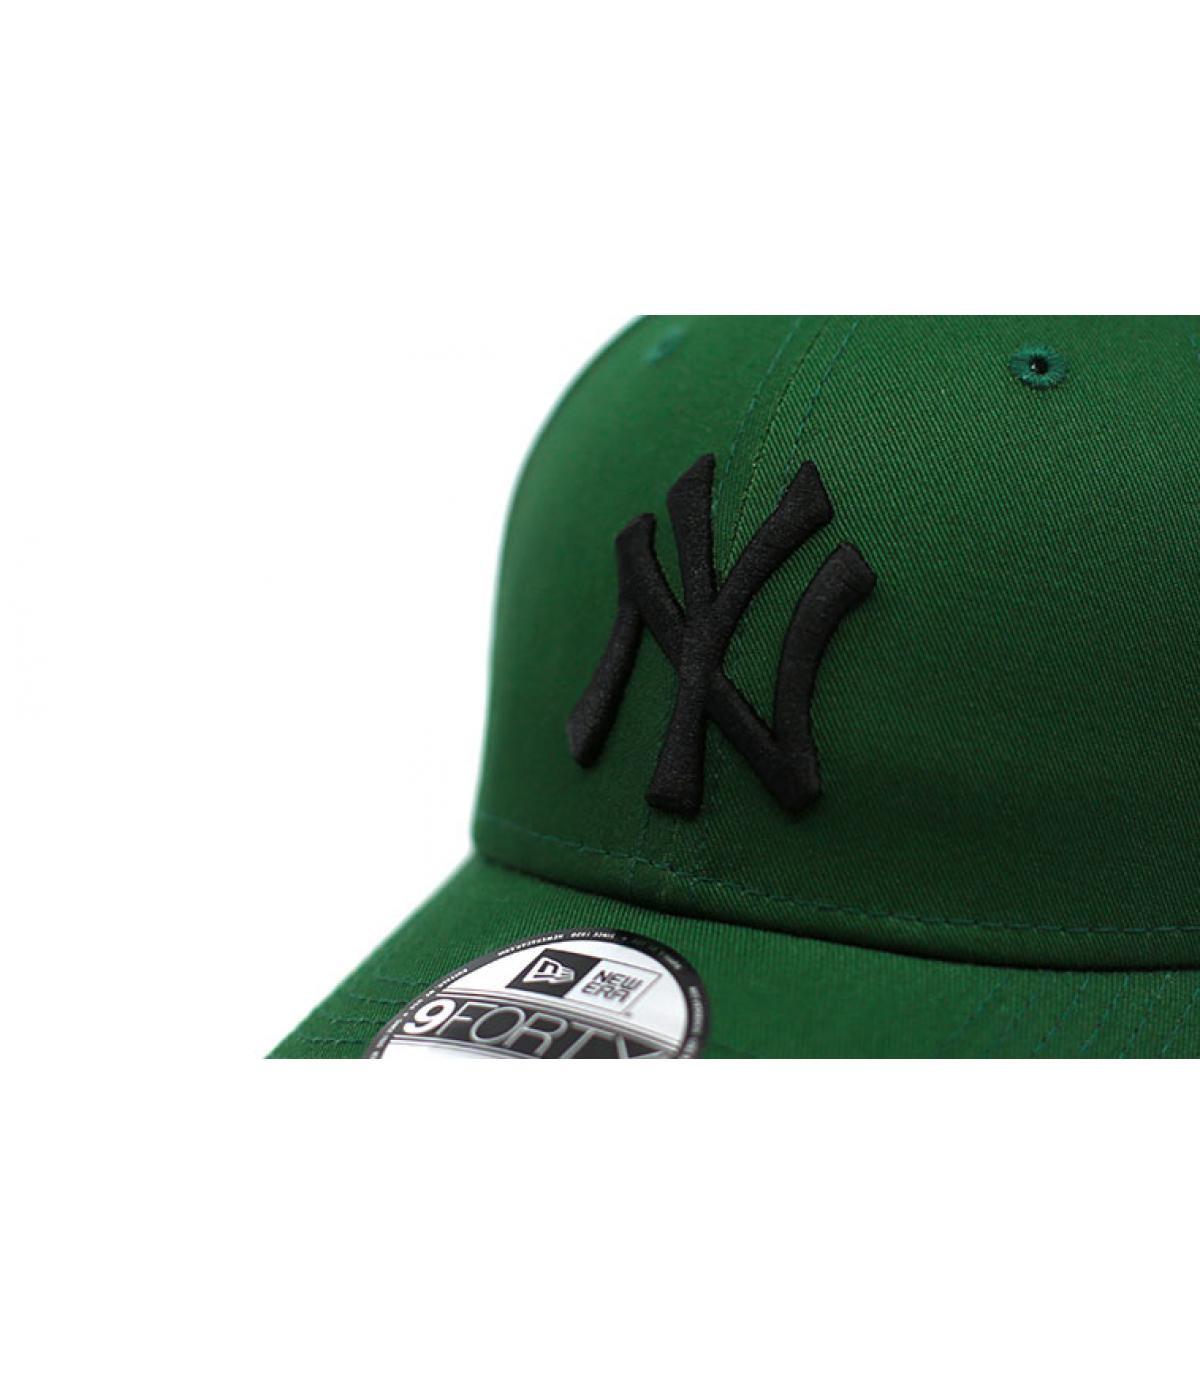 Details Kinder Cap League Ess NY green black - Abbildung 3